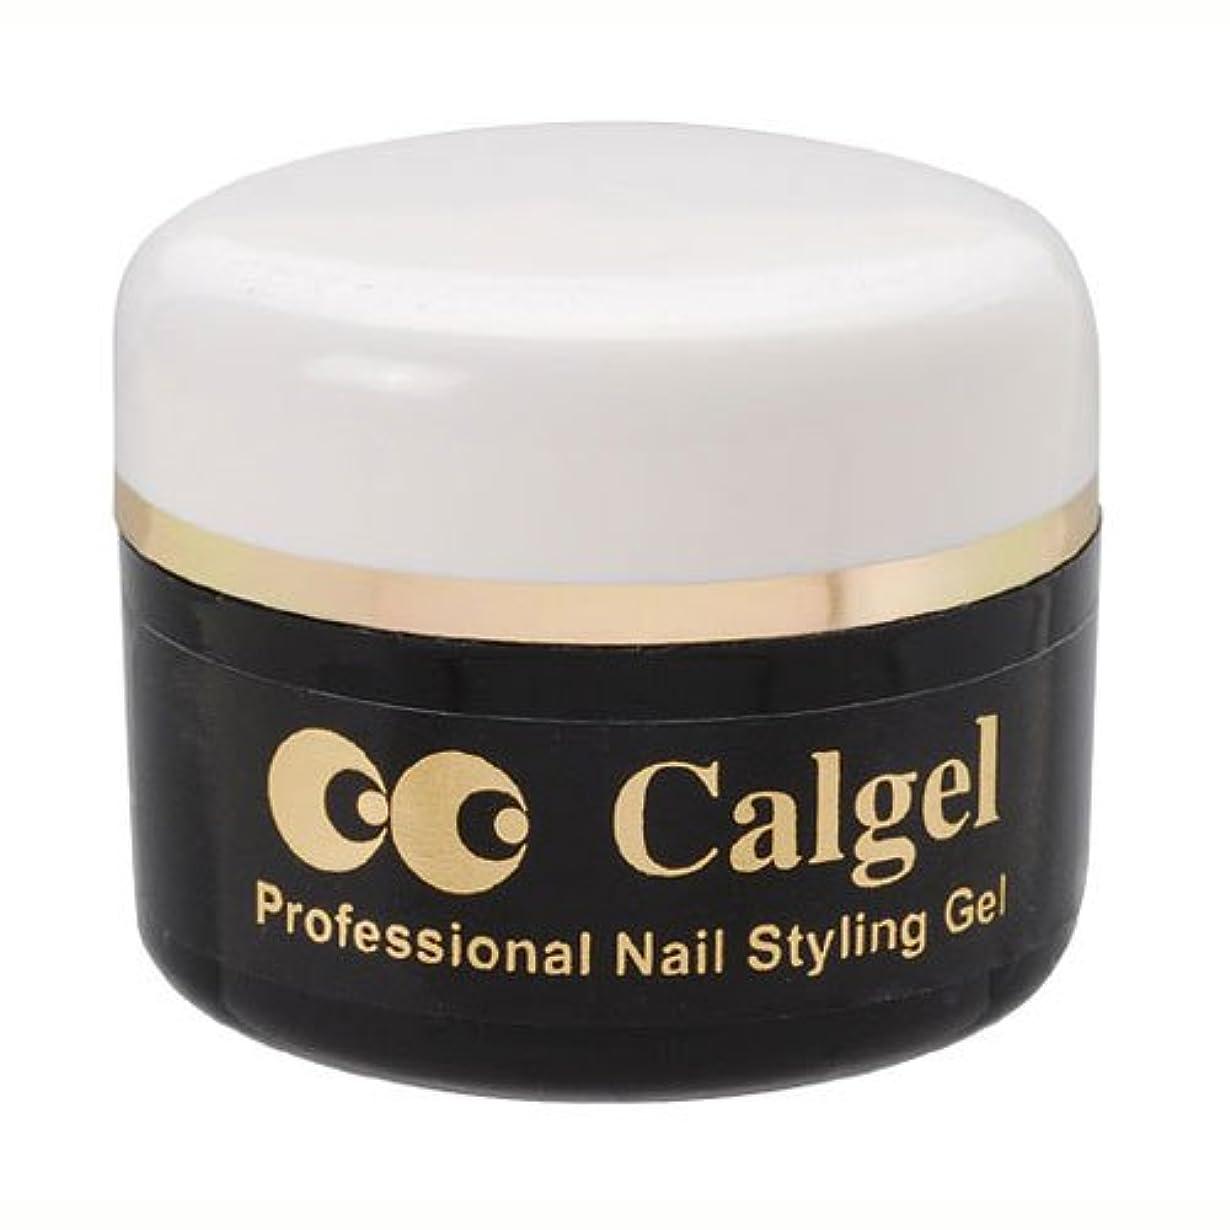 クラシックディスコ微弱Calgel クリアジェル 10g CG0 ベース/トップジェル